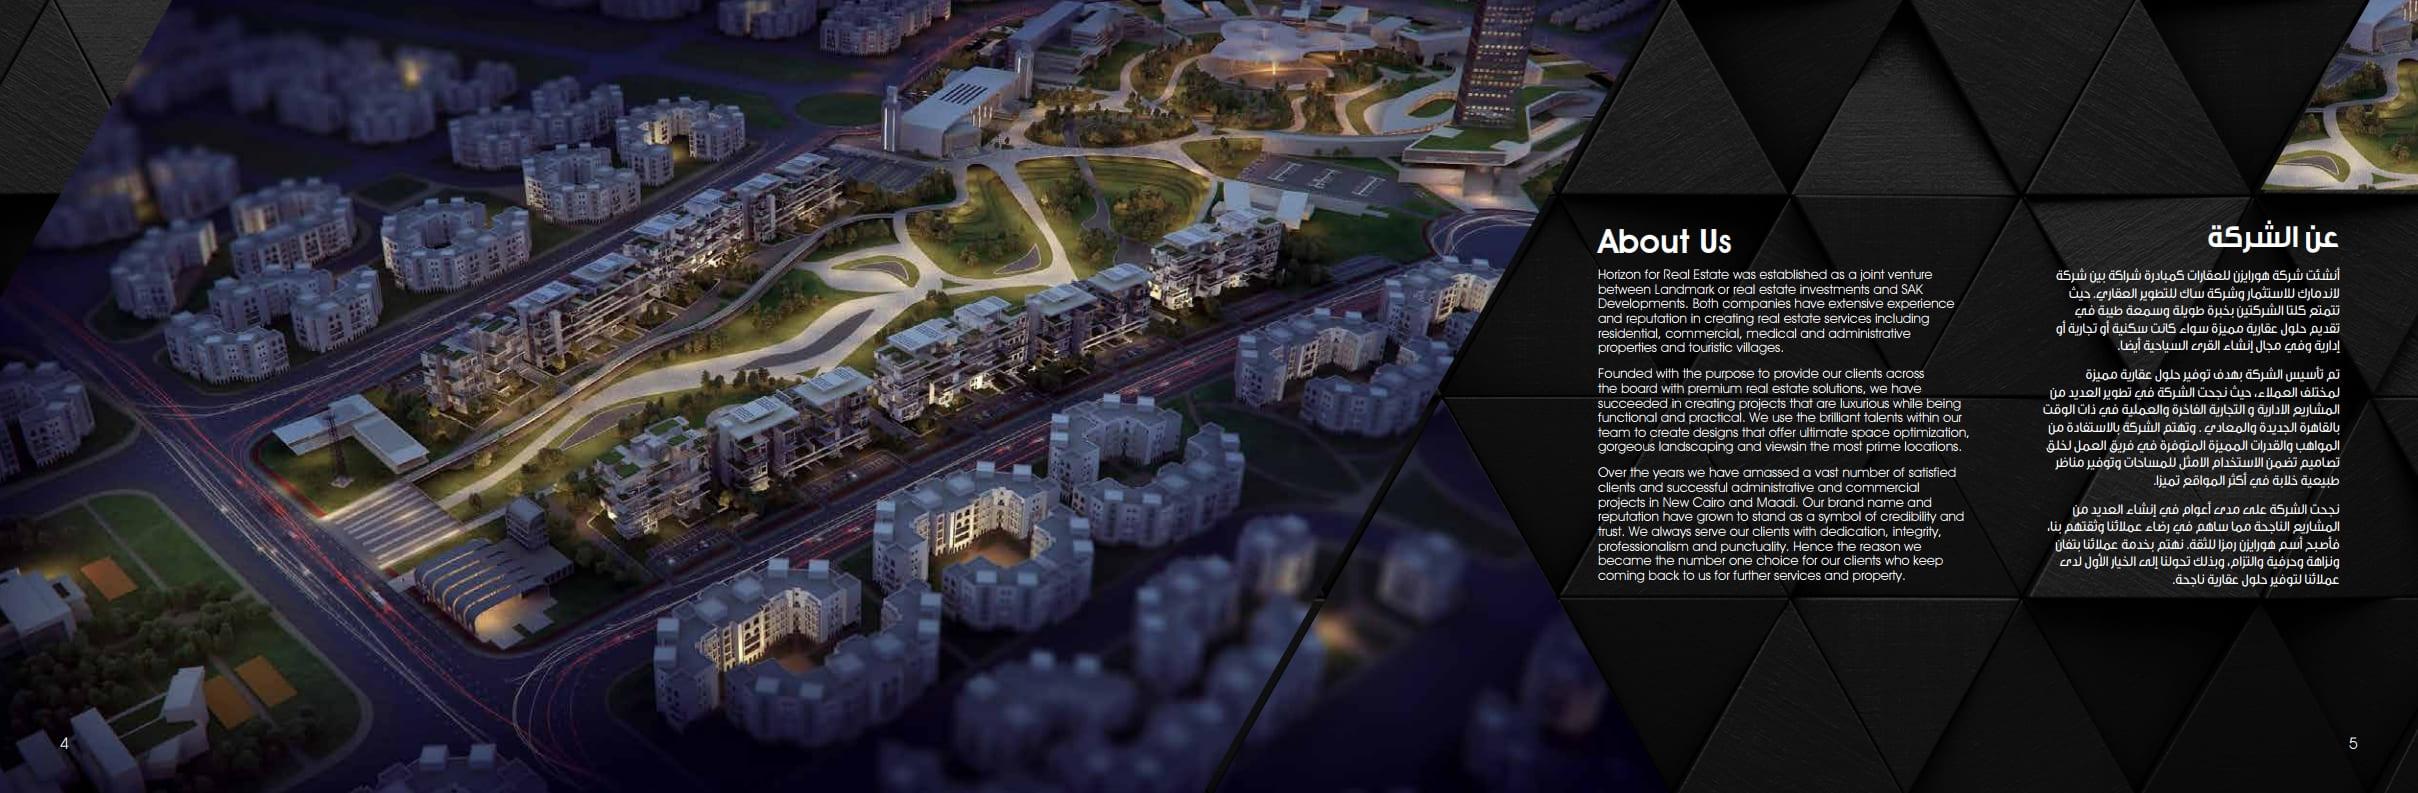 الشركة المالكة لمول ايليت العاصمة الادراية الجديدة Elite New Capital